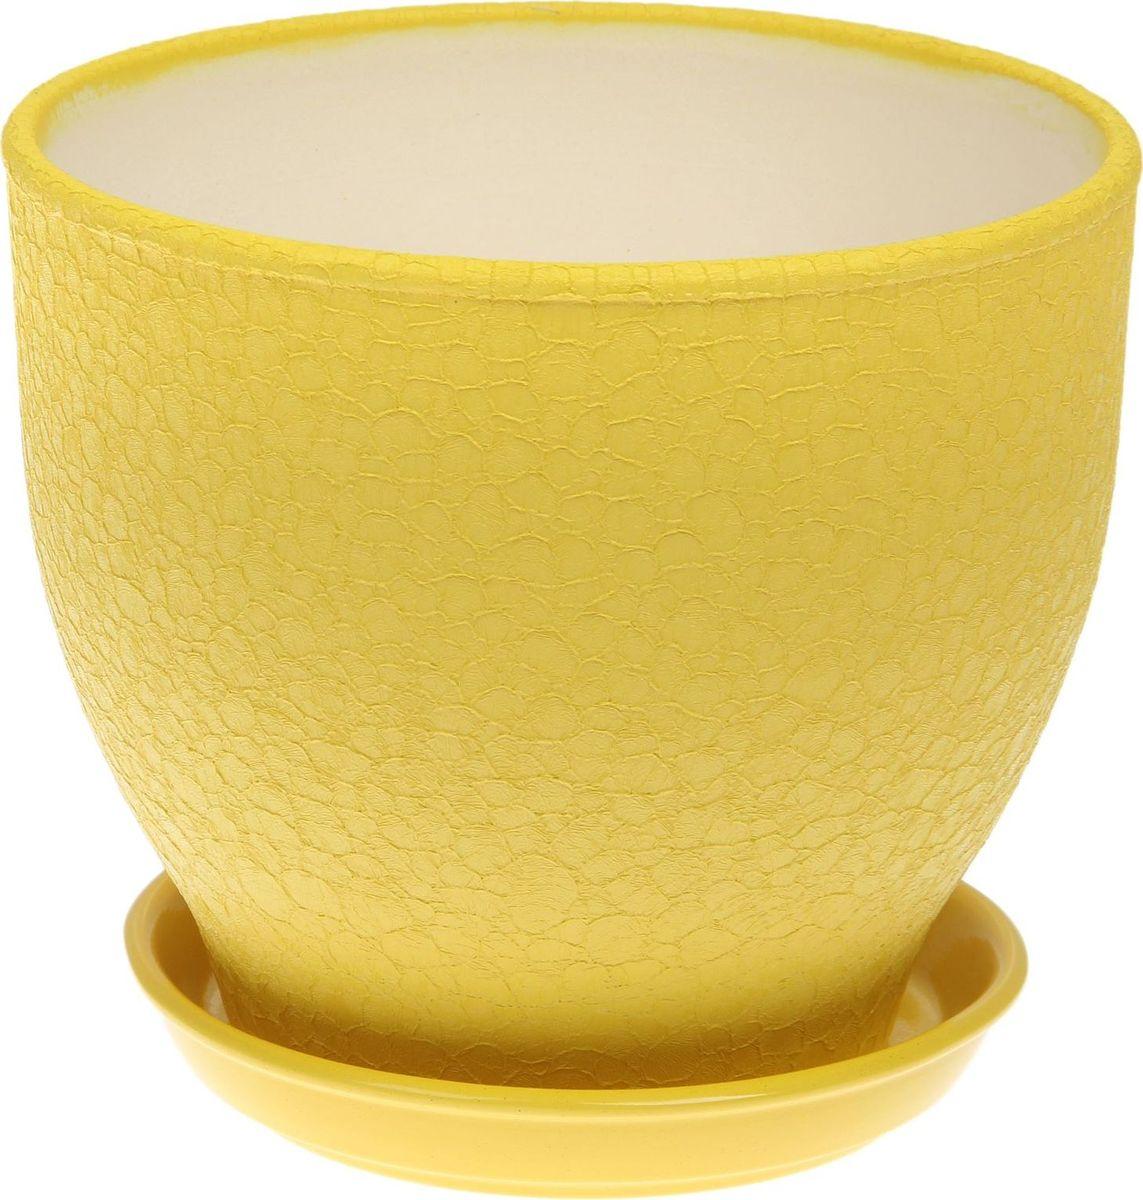 Кашпо Керамика ручной работы Виктор, цвет: желтый, 4 л1489660Комнатные растения — всеобщие любимцы. Они радуют глаз, насыщают помещение кислородом и украшают пространство. Каждому из них необходим свой удобный и красивый дом. Кашпо из керамики прекрасно подходят для высадки растений: за счёт пластичности глины и разных способов обработки существует великое множество форм и дизайновпористый материал позволяет испаряться лишней влагевоздух, необходимый для дыхания корней, проникает сквозь керамические стенки! #name# позаботится о зелёном питомце, освежит интерьер и подчеркнёт его стиль.